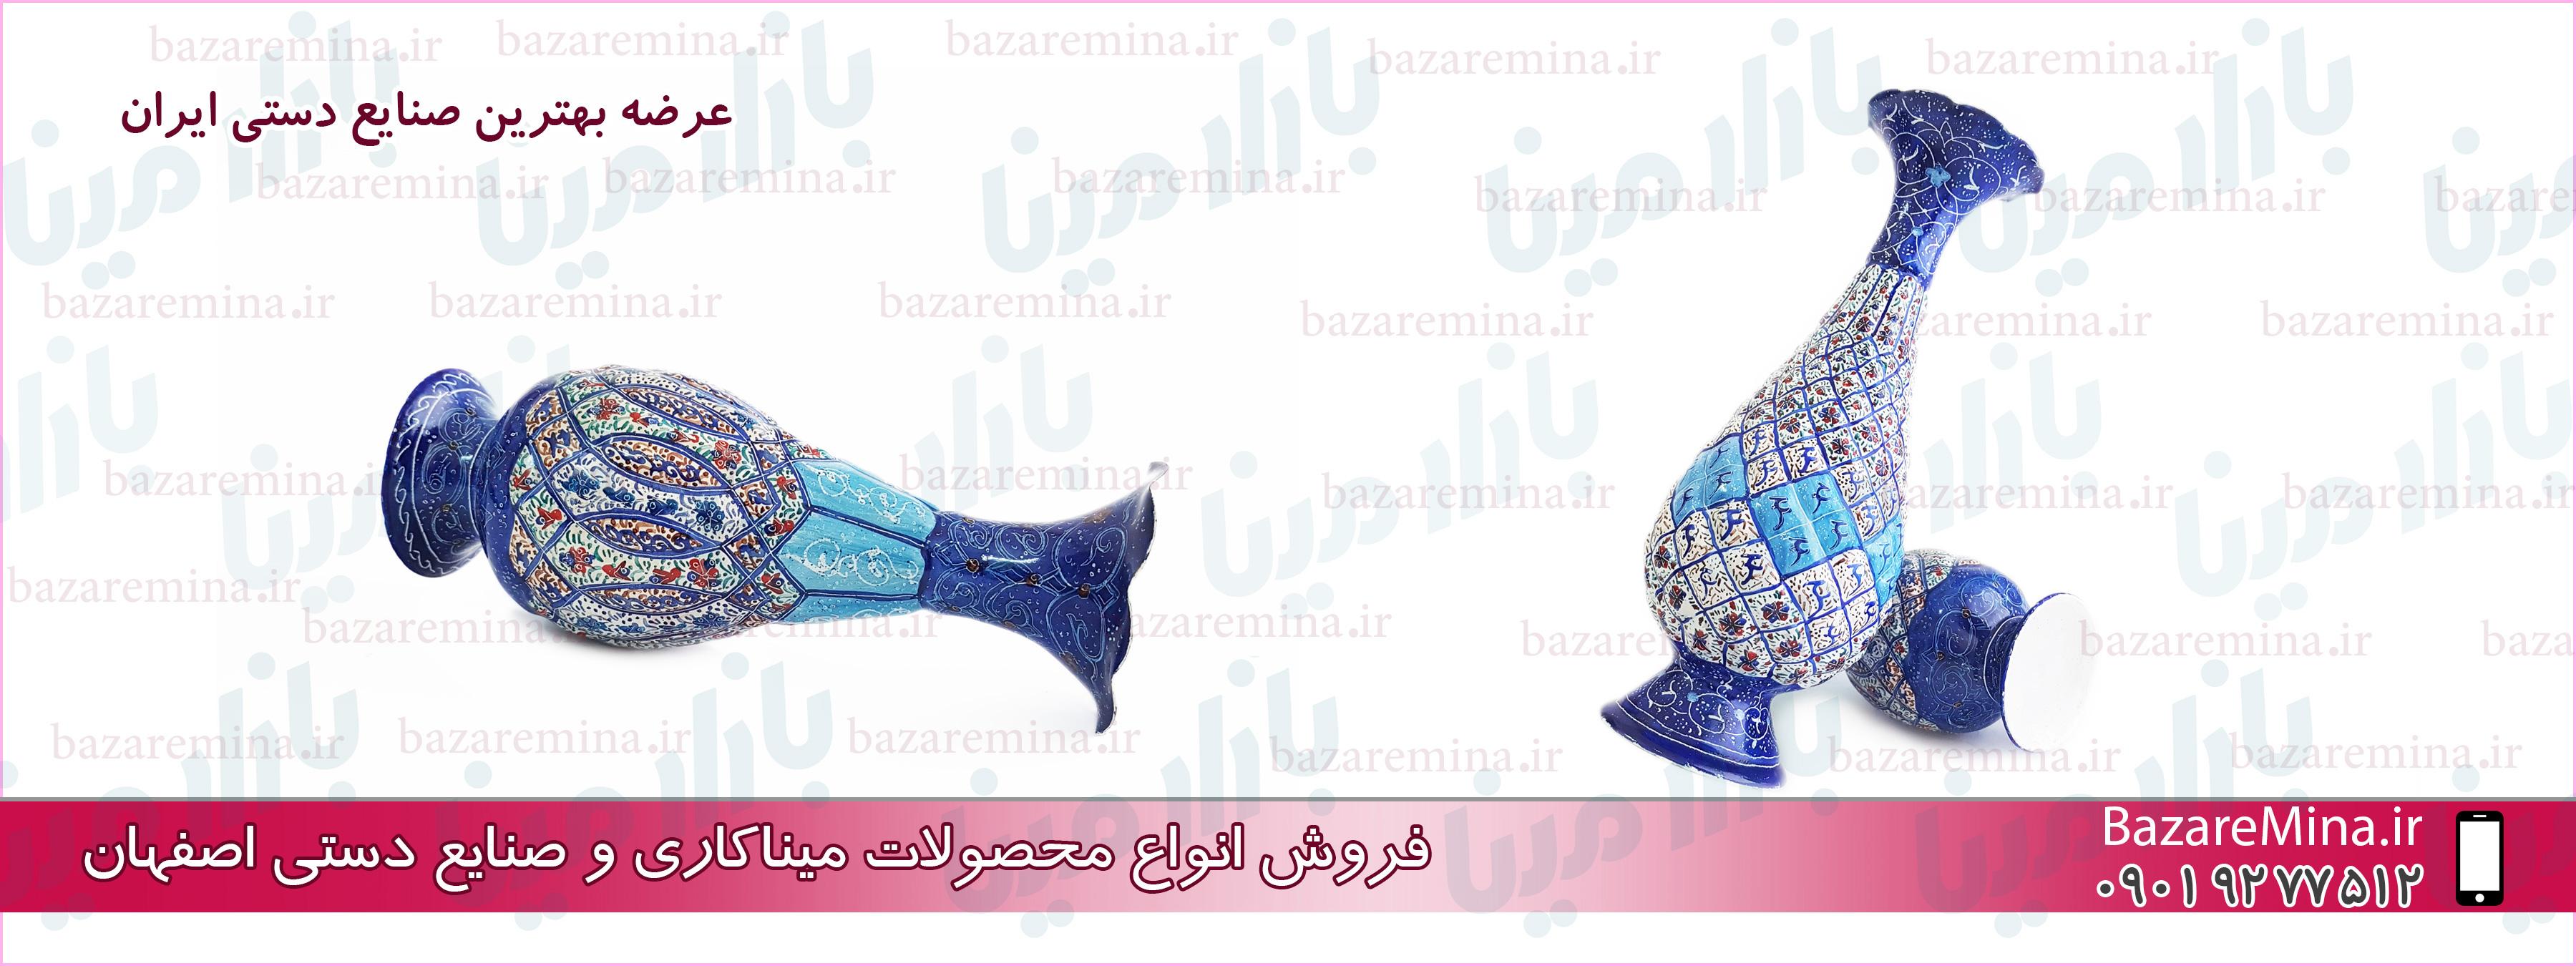 میناکاری شهر اصفهان